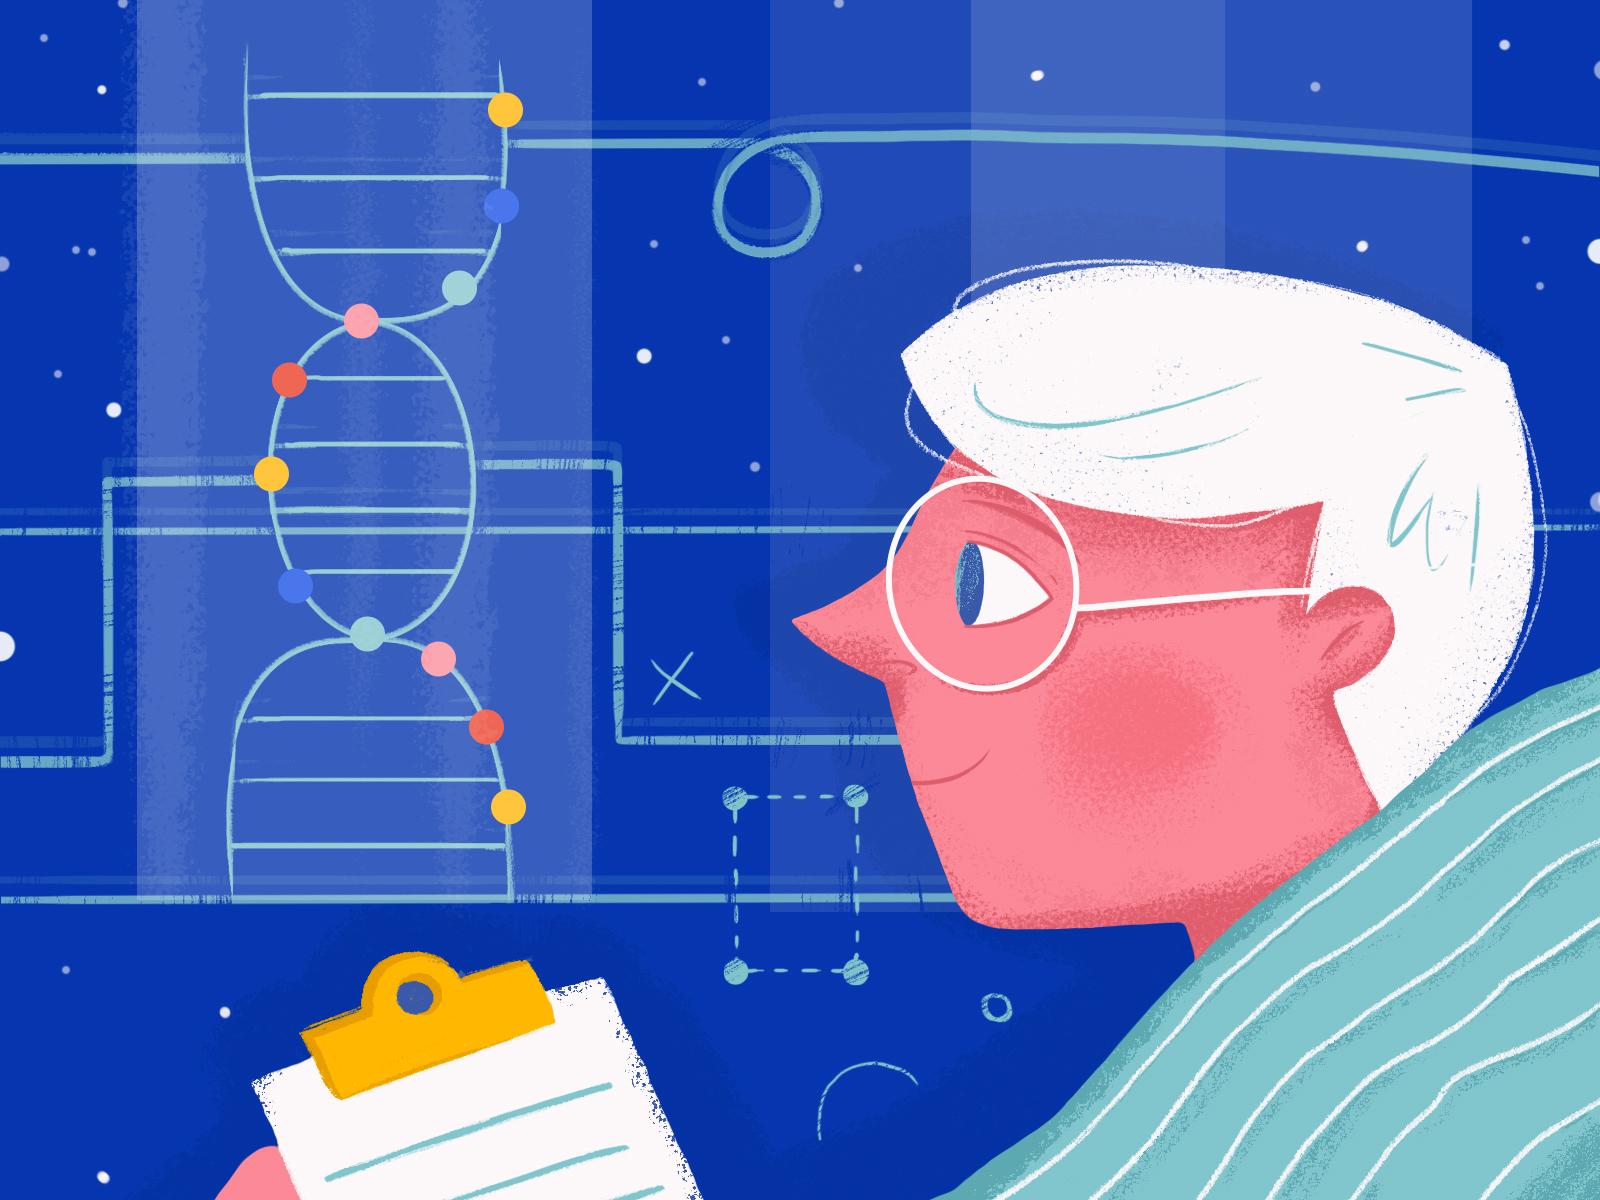 Medical Concepts - illustration